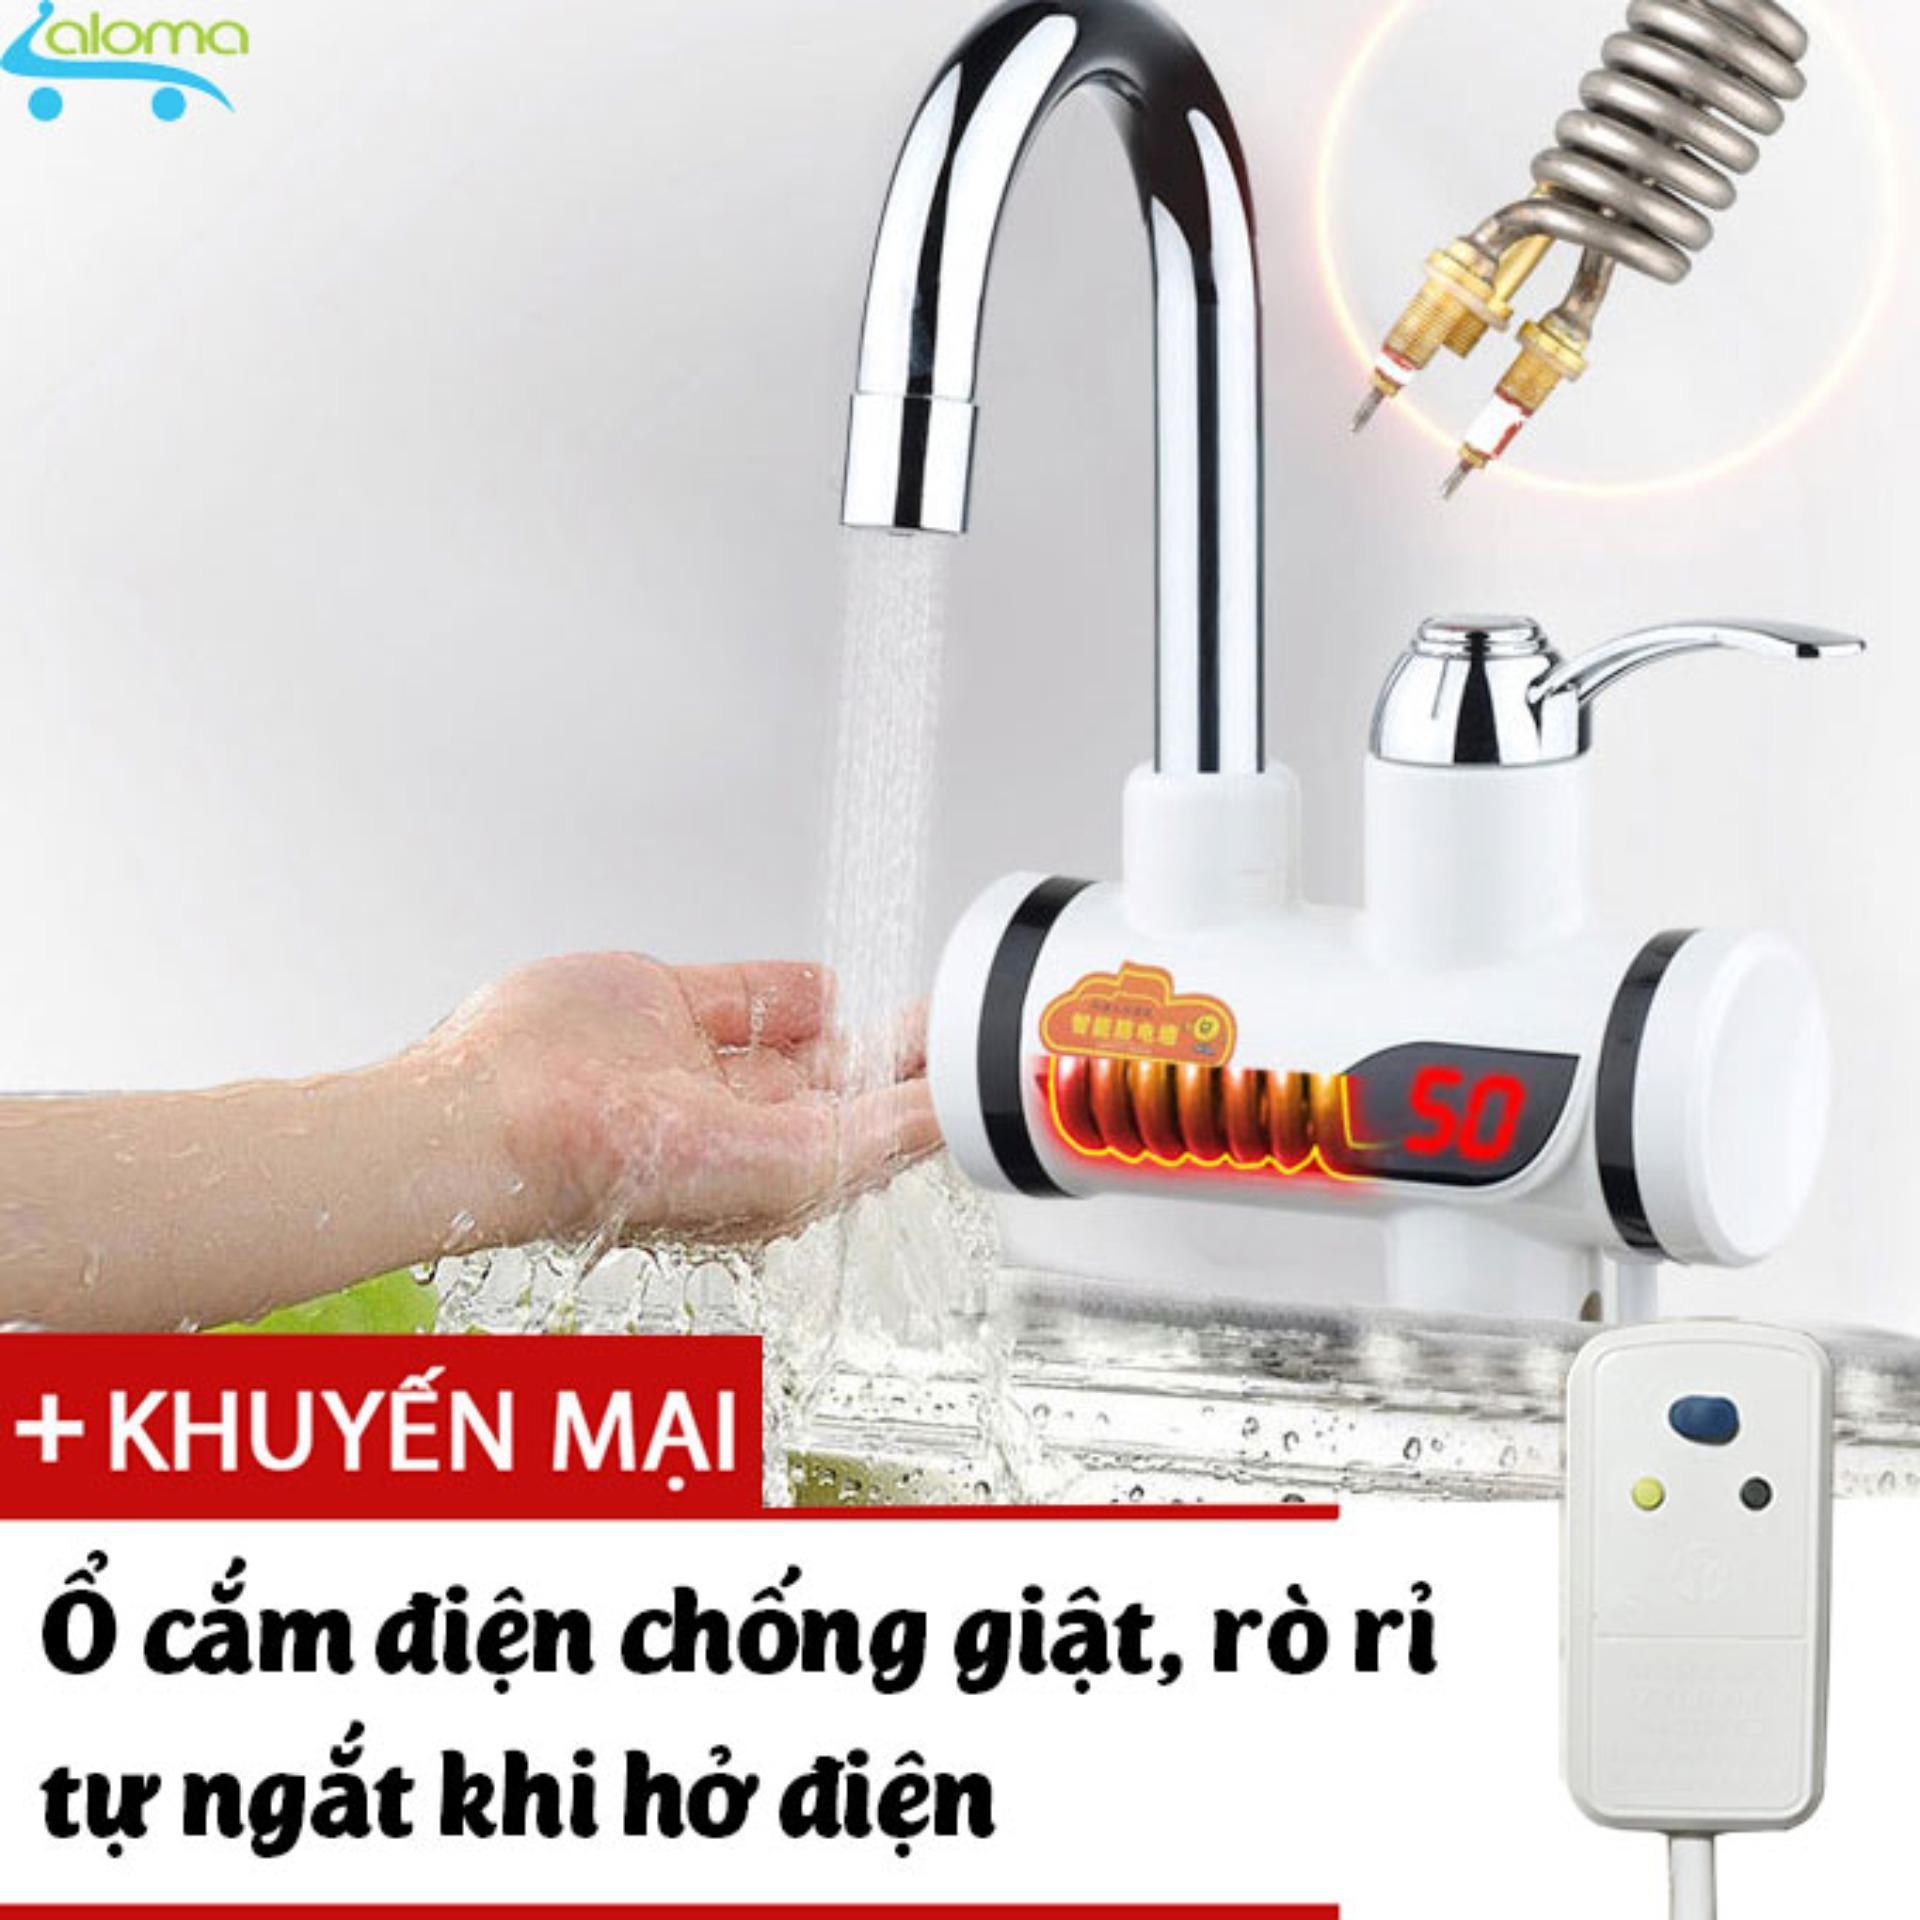 Chi tiết sản phẩm Máy làm nóng nước trực tiếp tại vòi QWater RX-01 kèm ổ điện chống giật